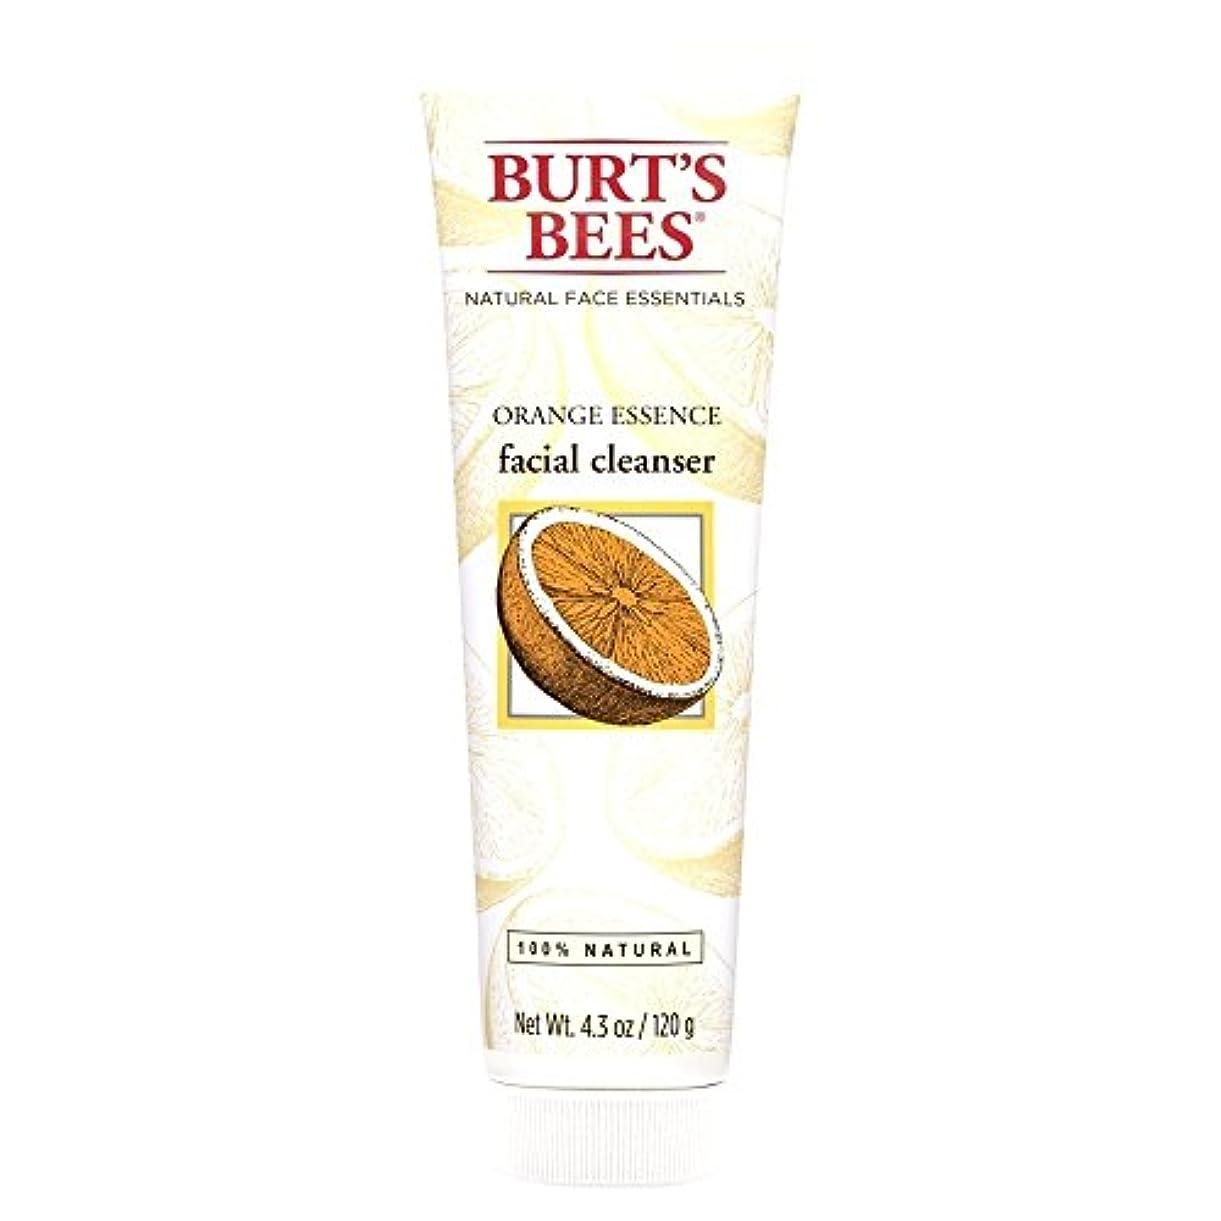 愛する巨大な苦しみバーツビーオレンジエッセンス洗顔料、125グラム (Burt's Bees) (x2) - Burt's Bees Orange Essence Facial Cleanser, 125g (Pack of 2) [並行輸入品]